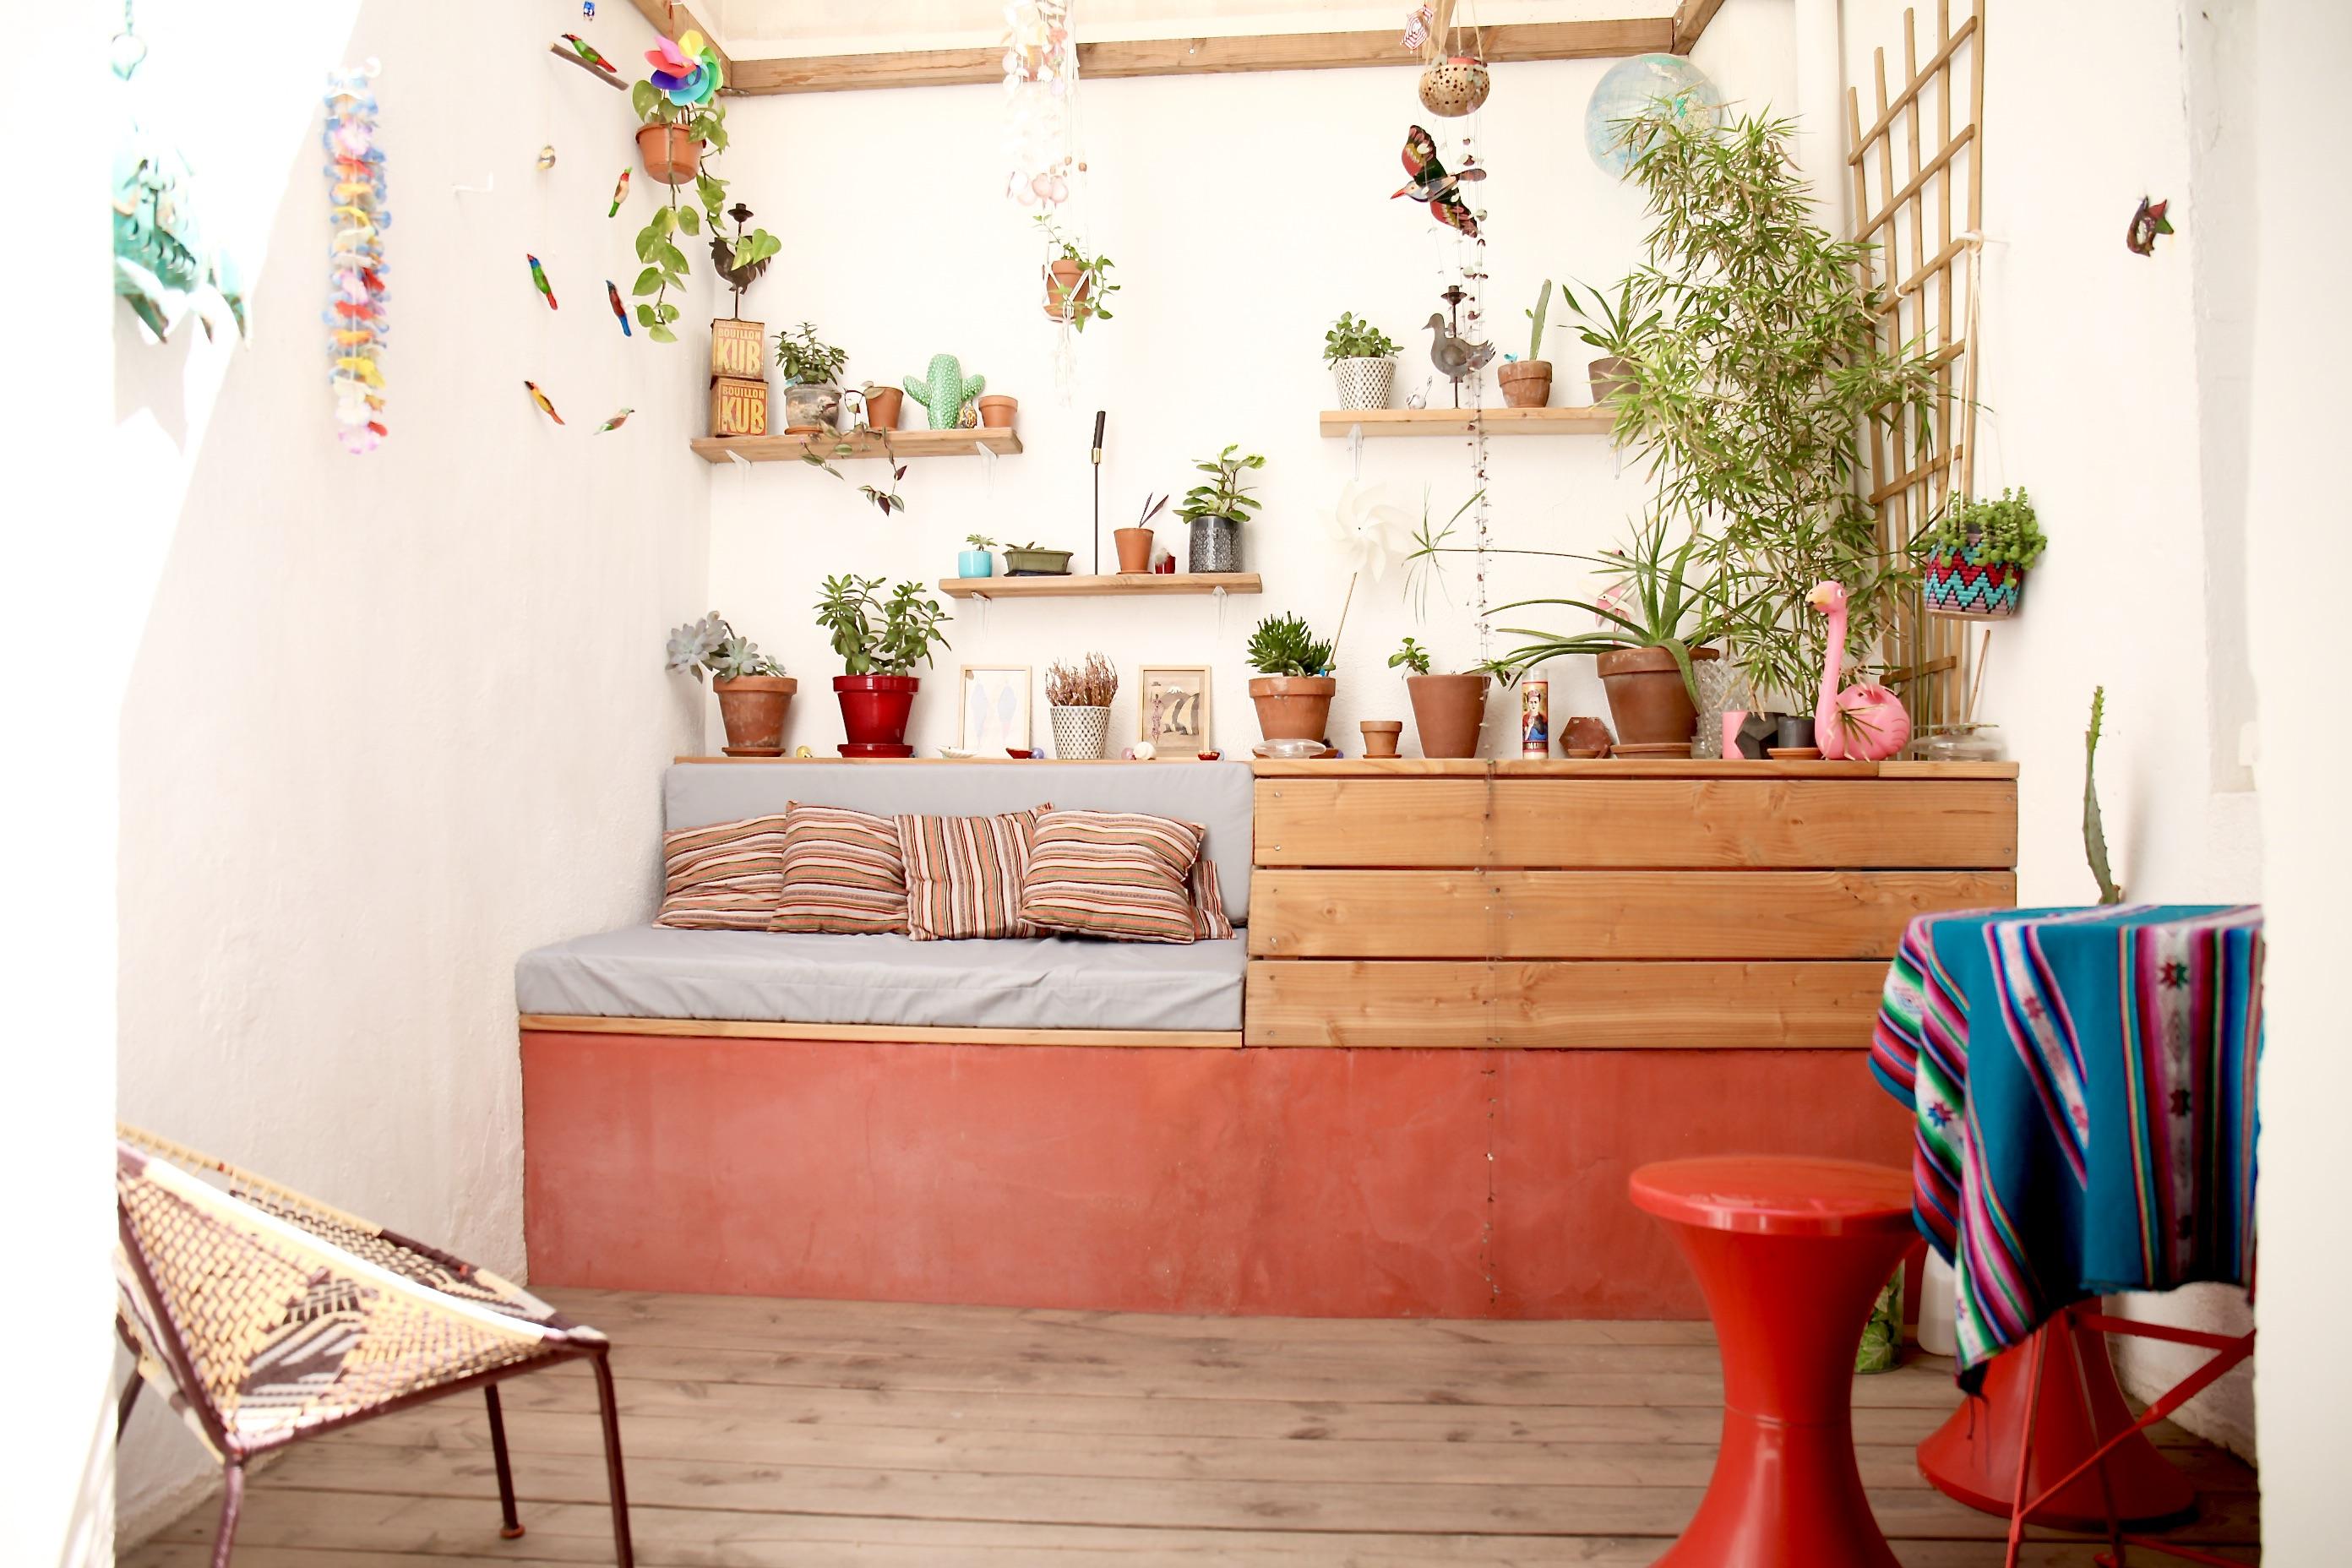 VENDU- 5e - Quartier Camas - T3 avec patio - 215 000 €